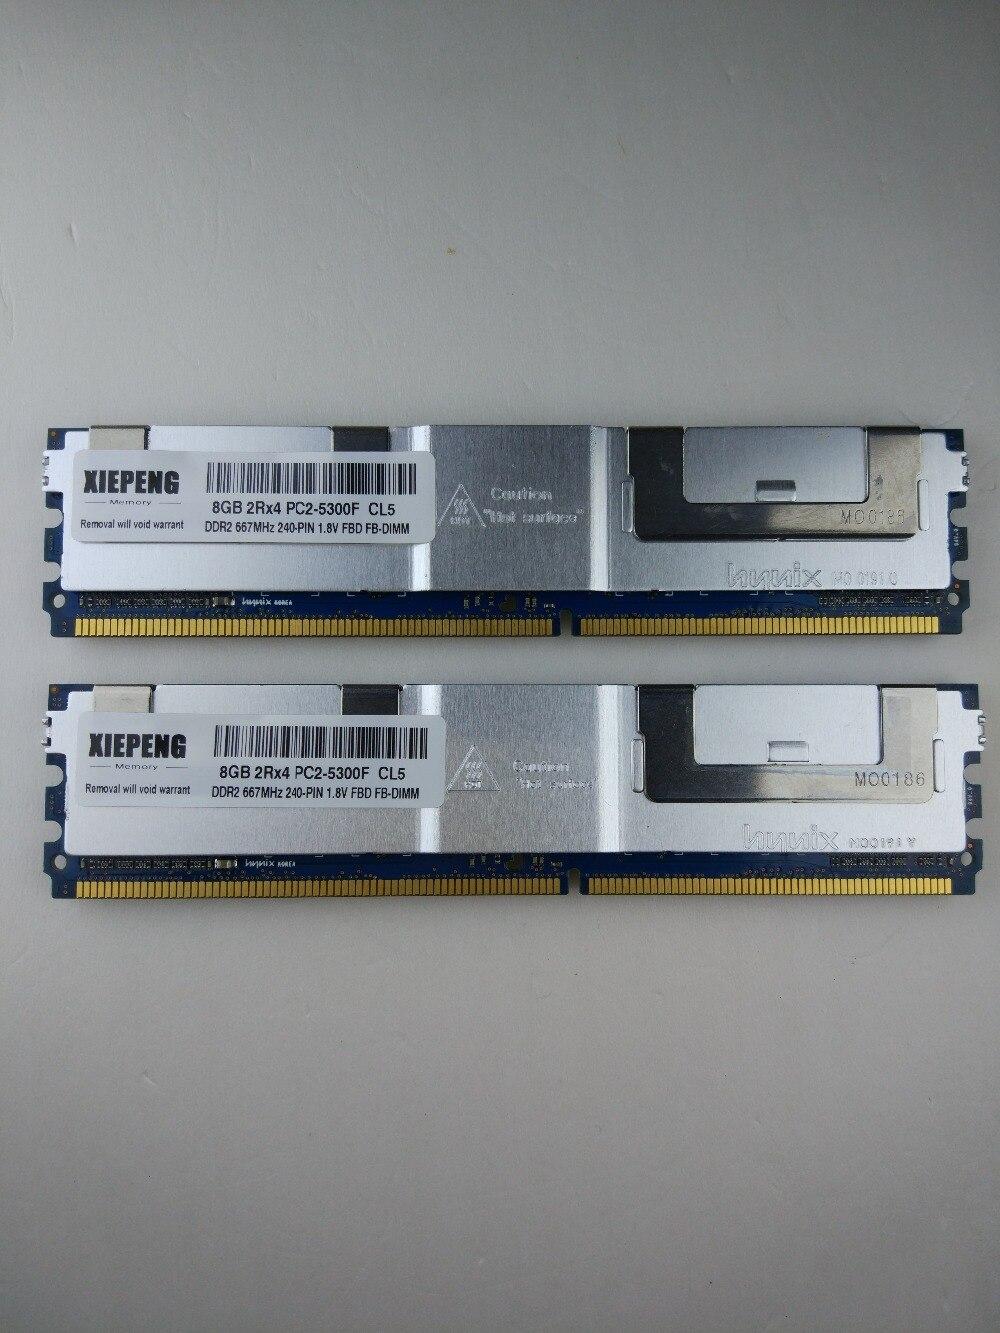 64GB 8X8GB 4Rx4 PC2-5300F DDR2-667MHz 240pin ECC FB-DIMM Server Memory RAM